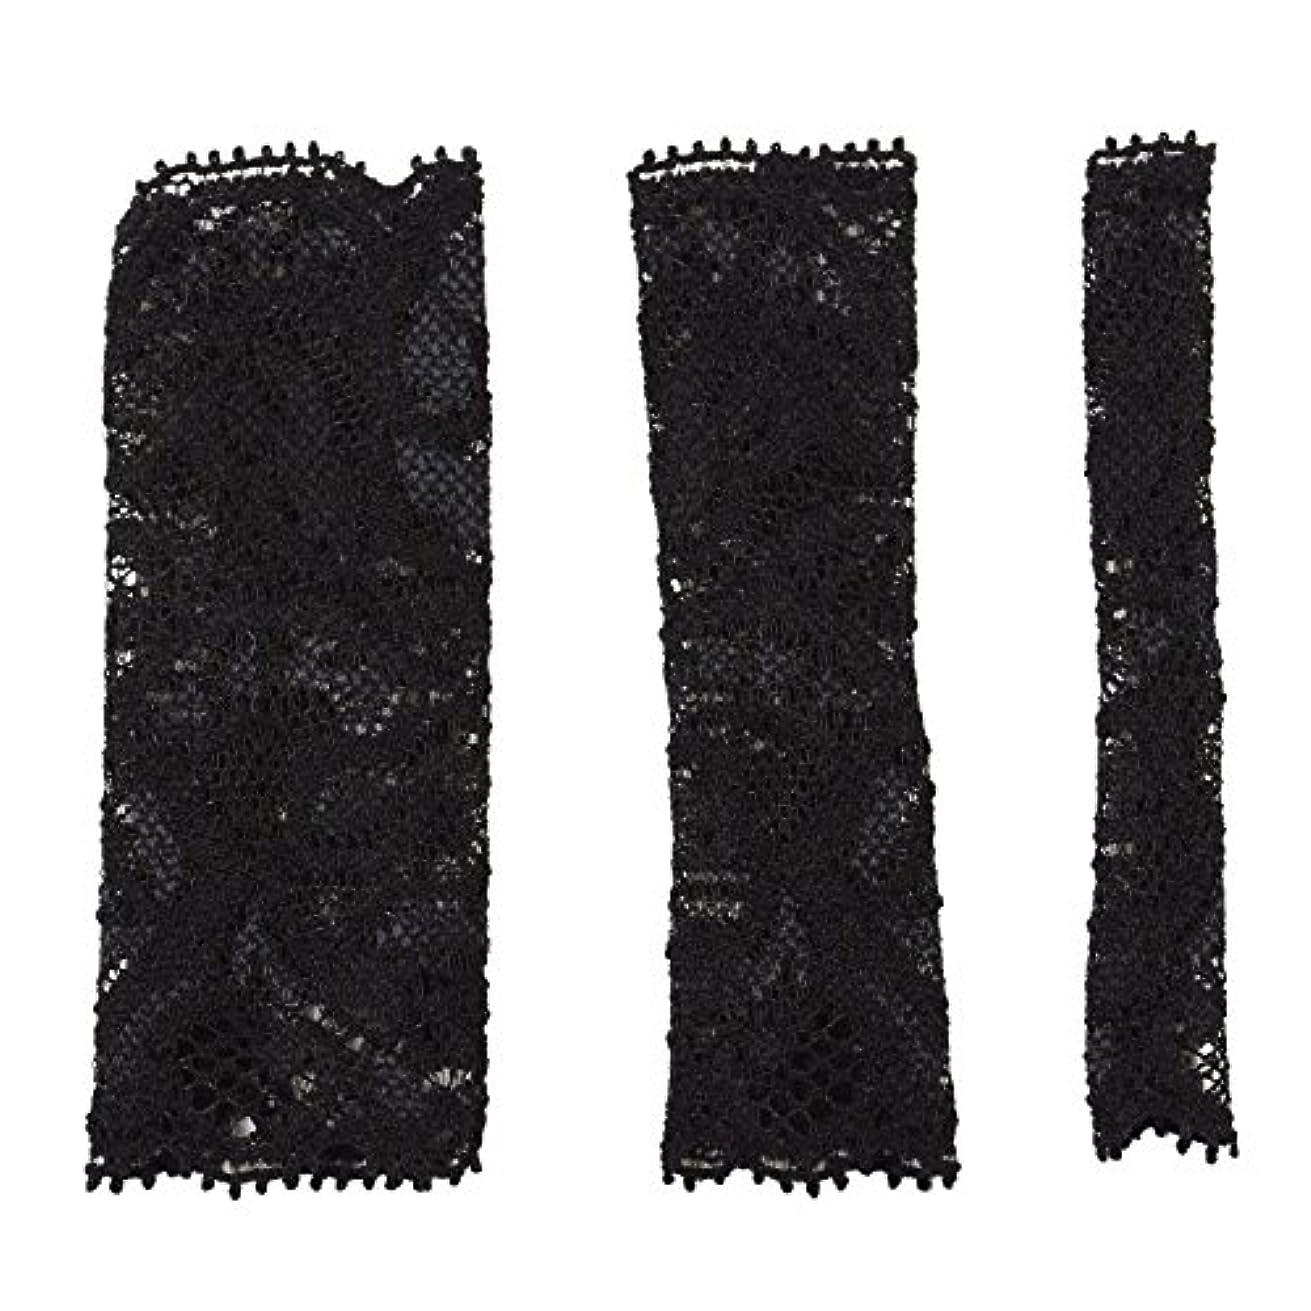 シール申し込むホーンBCL500BK 六角館さくら堂 ブラッシュキャップ3枚セット ブラック パウダーブラシ チークブラシ アイシャドーブラシ各1枚 ほこりや汚れからブラシから守る 化粧筆カバー ブラシキャップ ブラシカバー レース 特許申請済レース